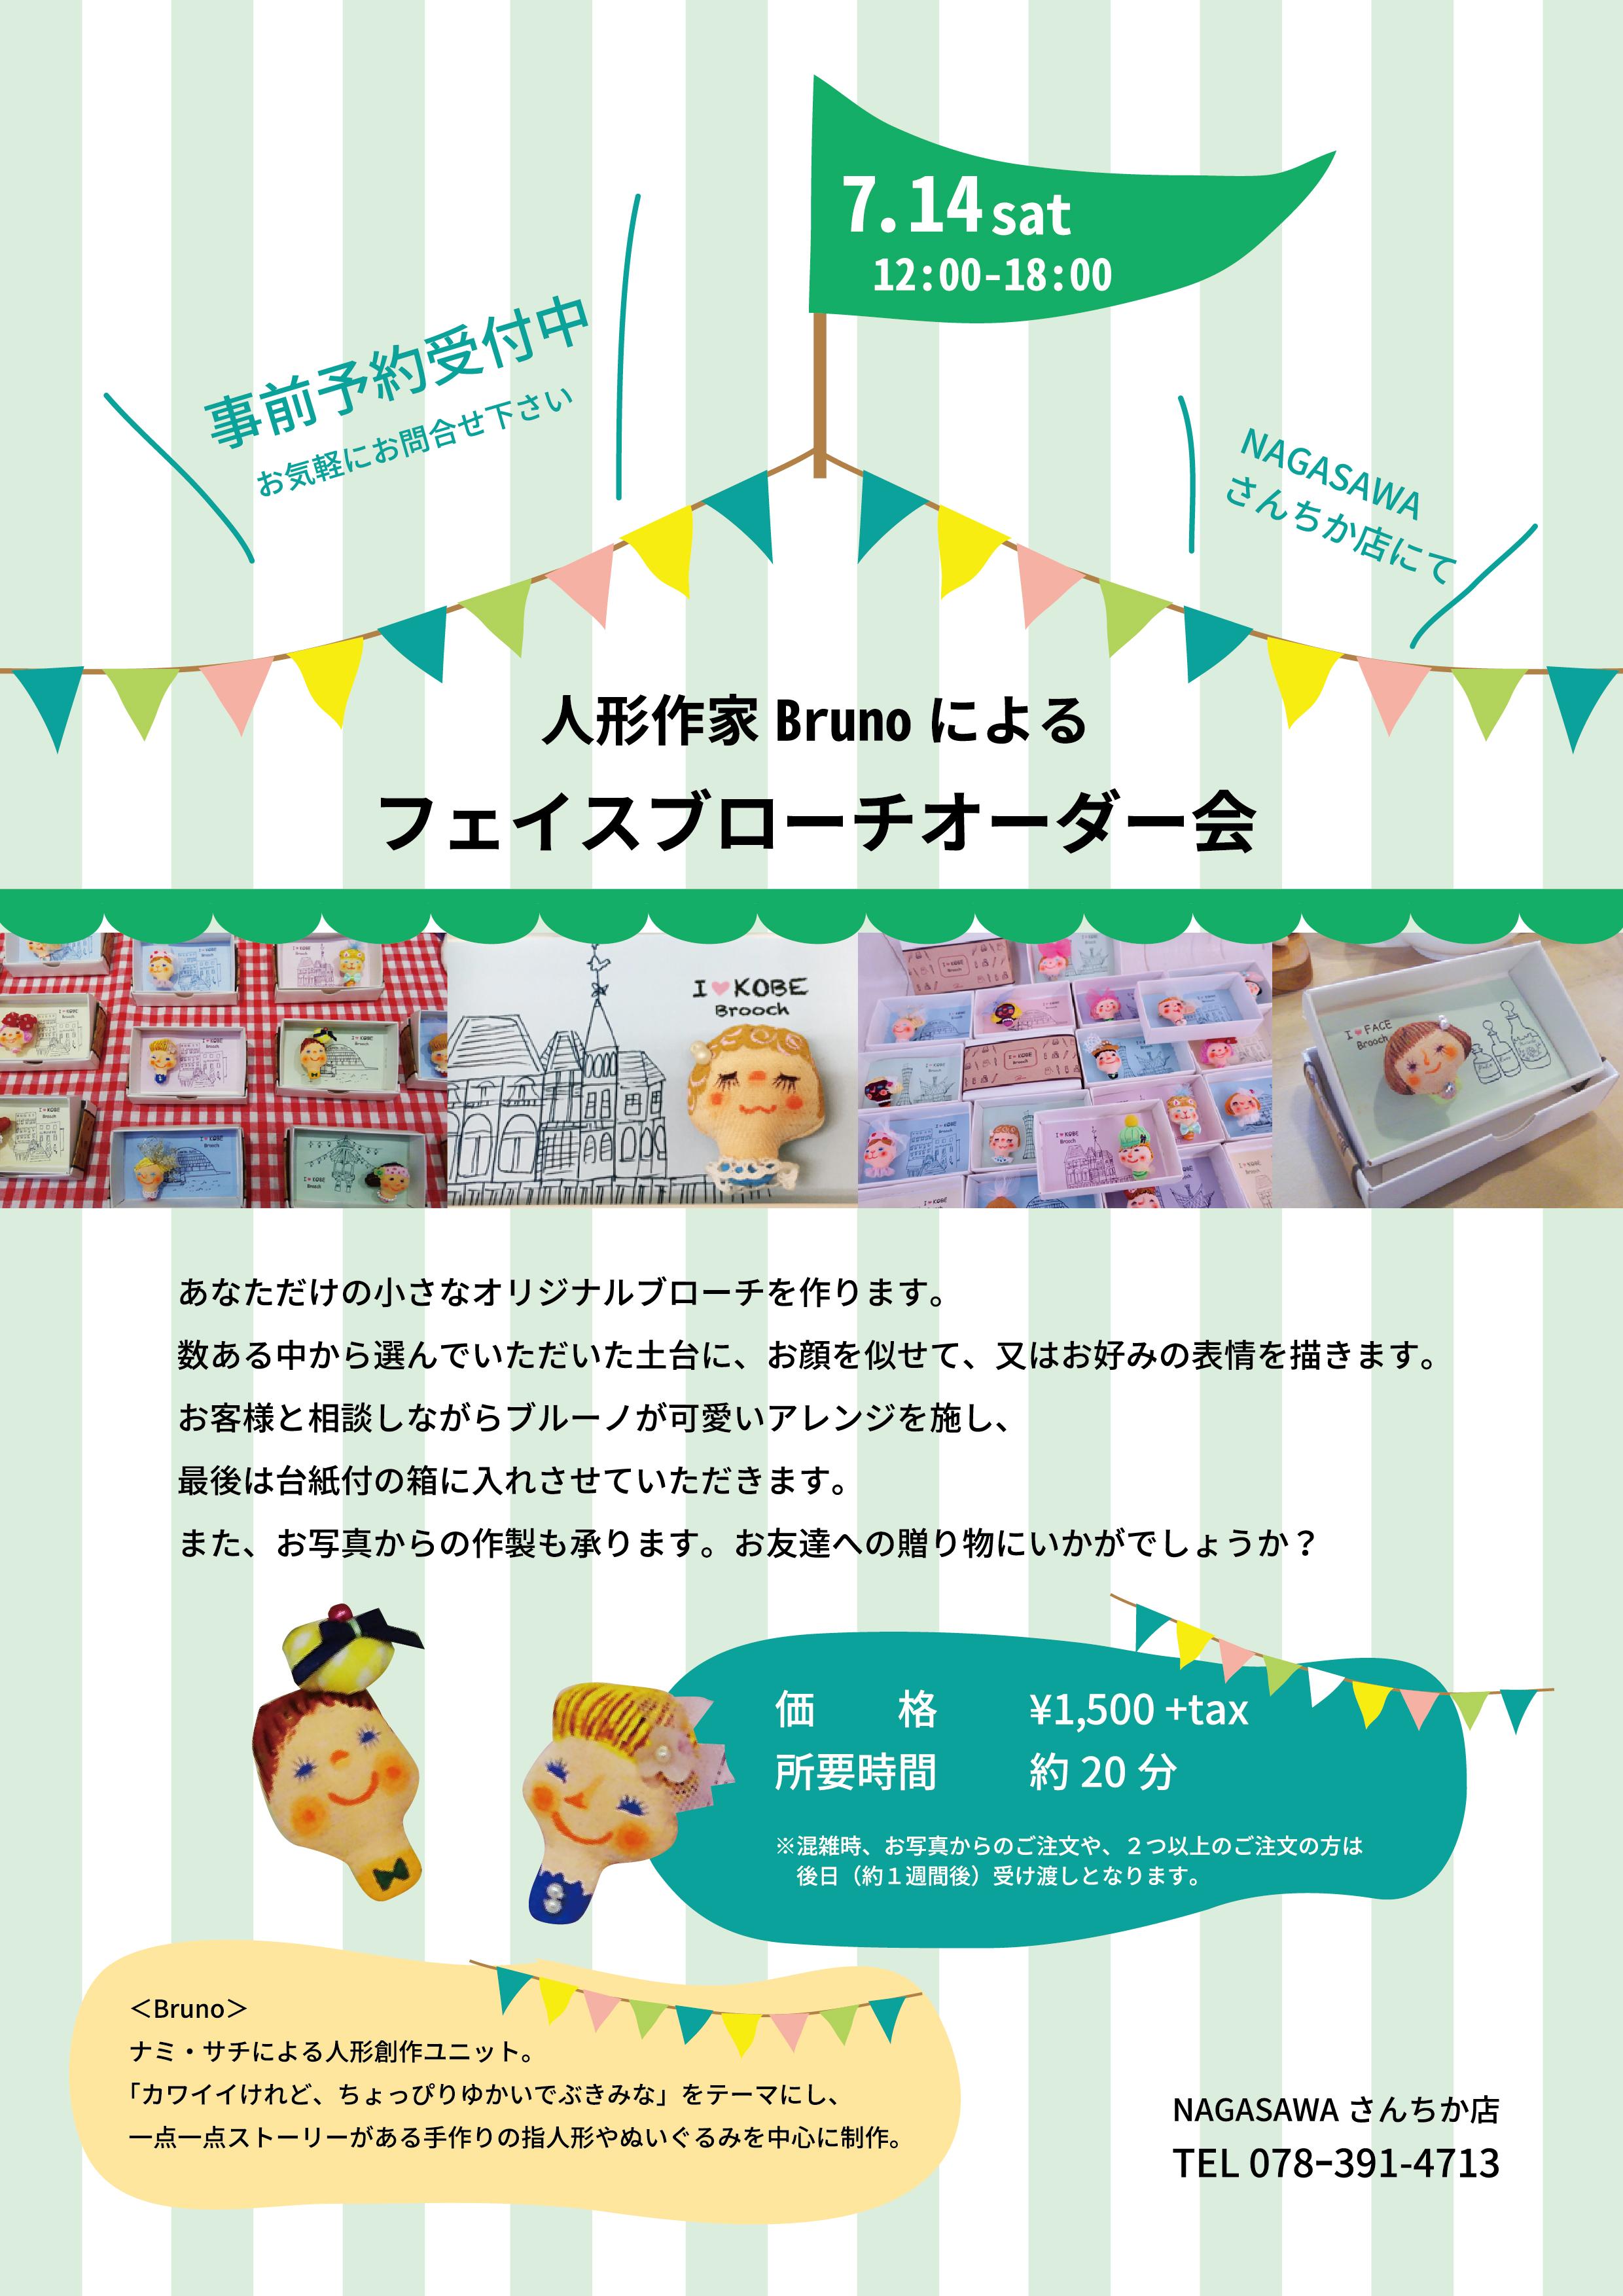 【さんちか店】大阪・東京で活躍中の人気ユニットによるブローチオーダー会